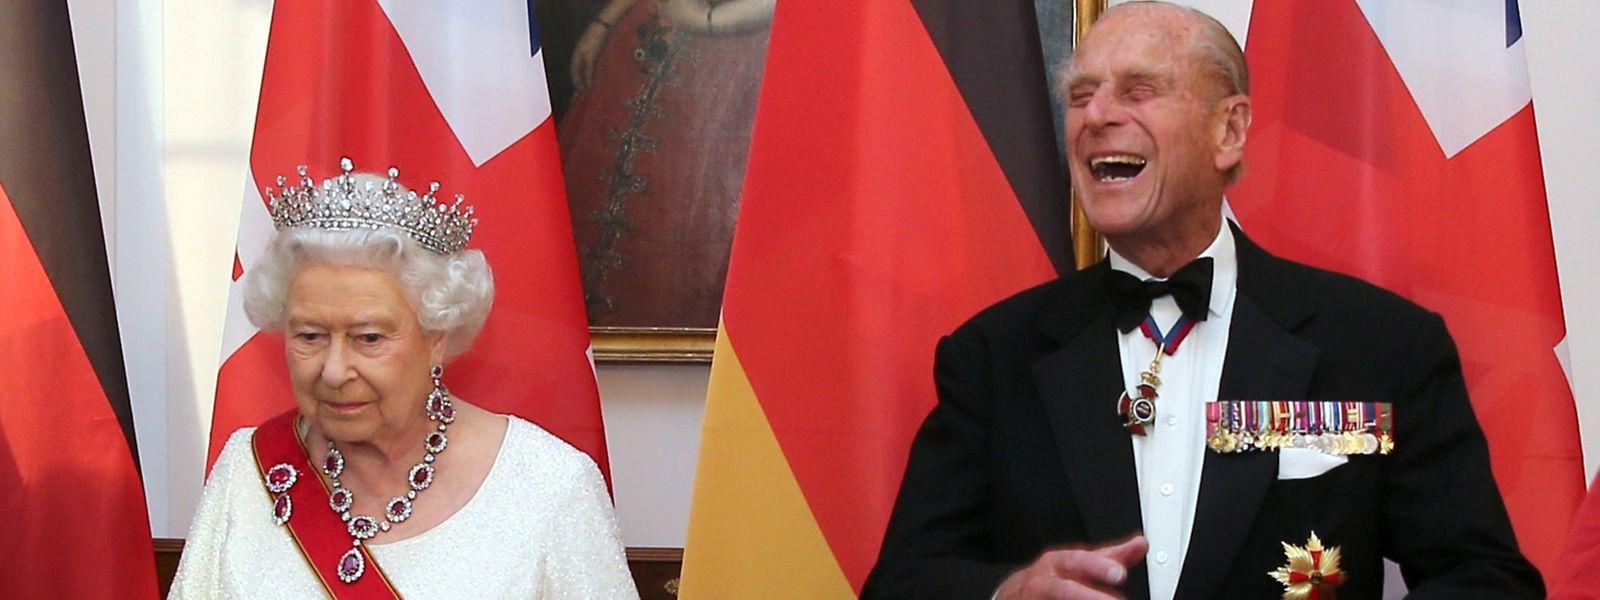 """Humor ist, wenn man trotzdem lacht: Prinz Philip bescheinigte seiner Ehefrau zur Goldenen Hochzeit """"Toleranz im Überfluss""""."""